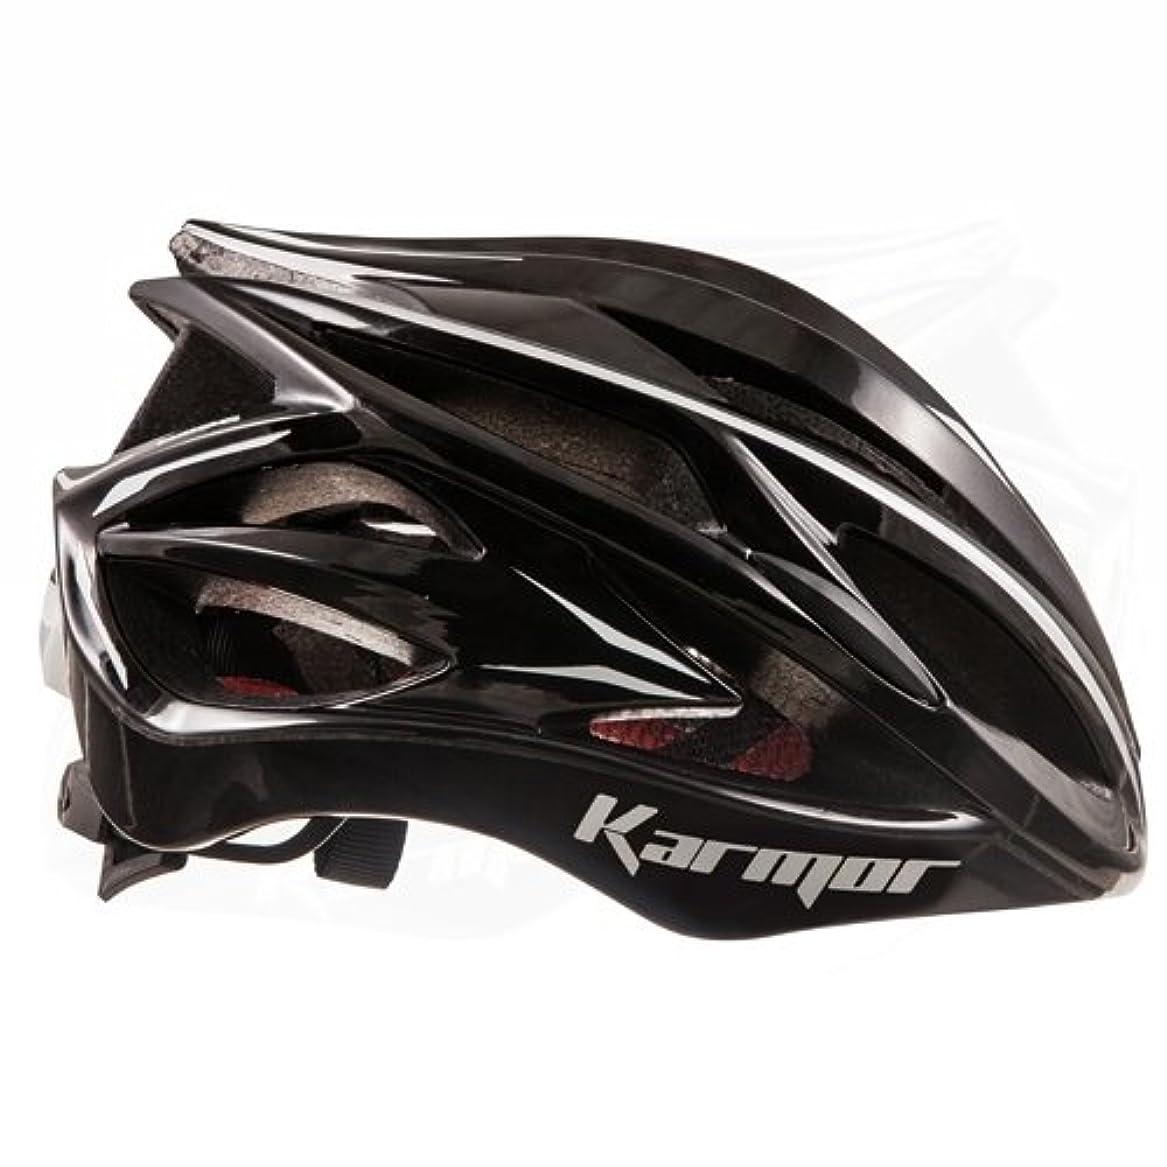 芝生差別的形状Karmar(カーマー) ヘルメット ASMA2(アスマ2) ブラック ヘルメットL R2KA150300X 59-60cm